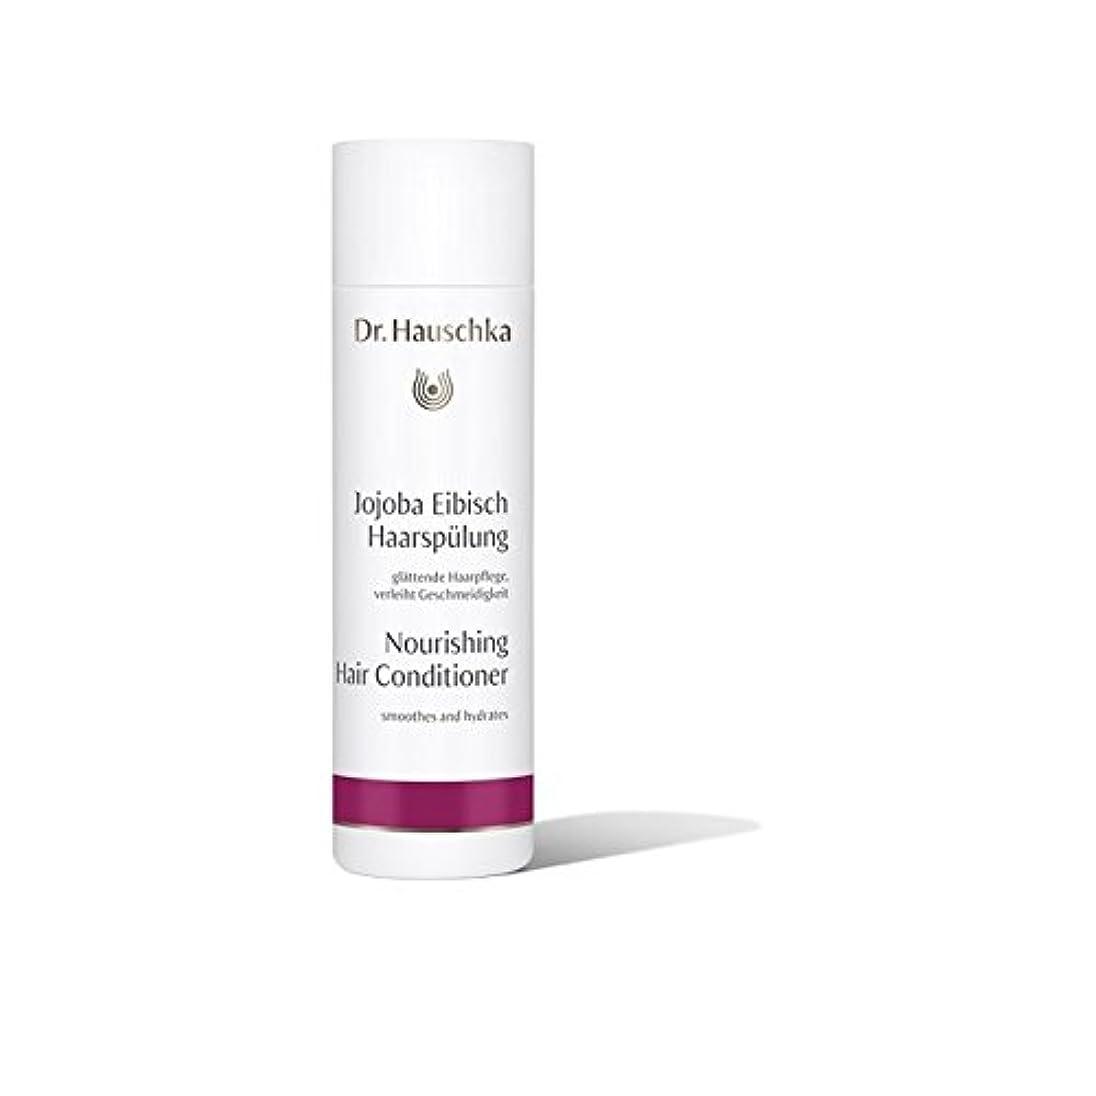 精緻化話アナログDr. Hauschka Nourishing Hair Conditioner (200ml) (Pack of 6) - ハウシュカ栄養ヘアコンディショナー(200ミリリットル) x6 [並行輸入品]